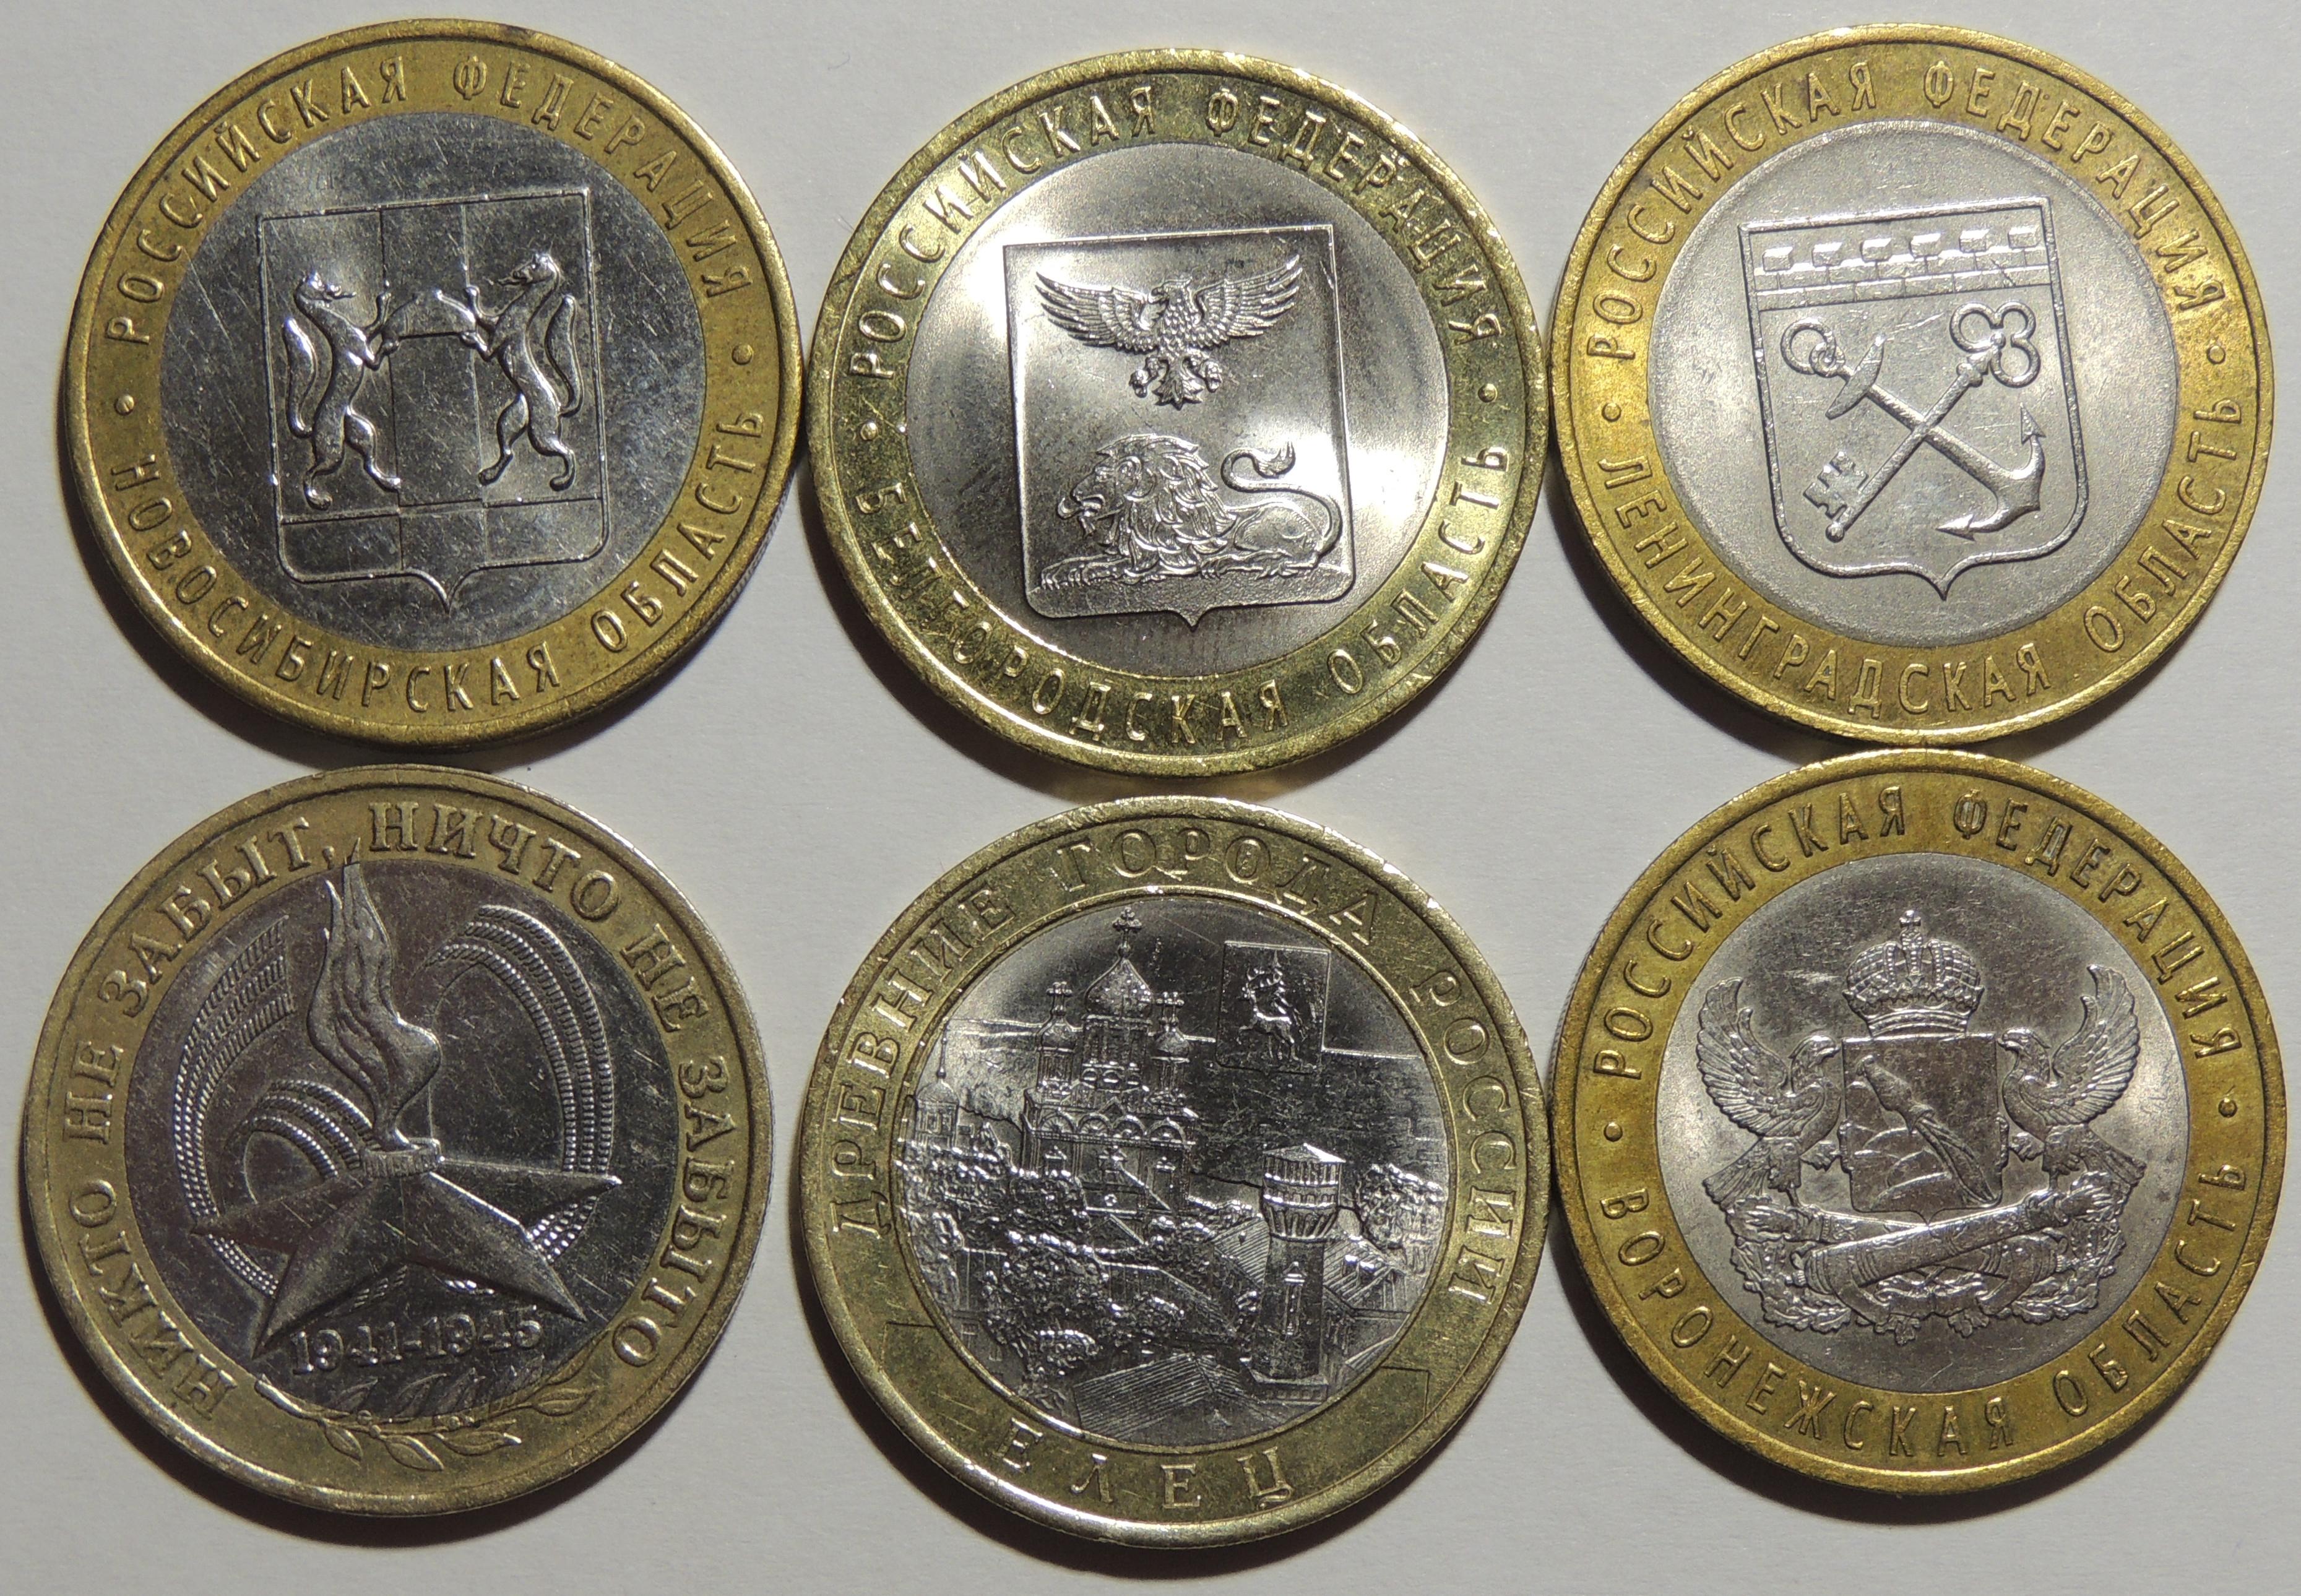 фото монет которые можно продать такие некомпетентные